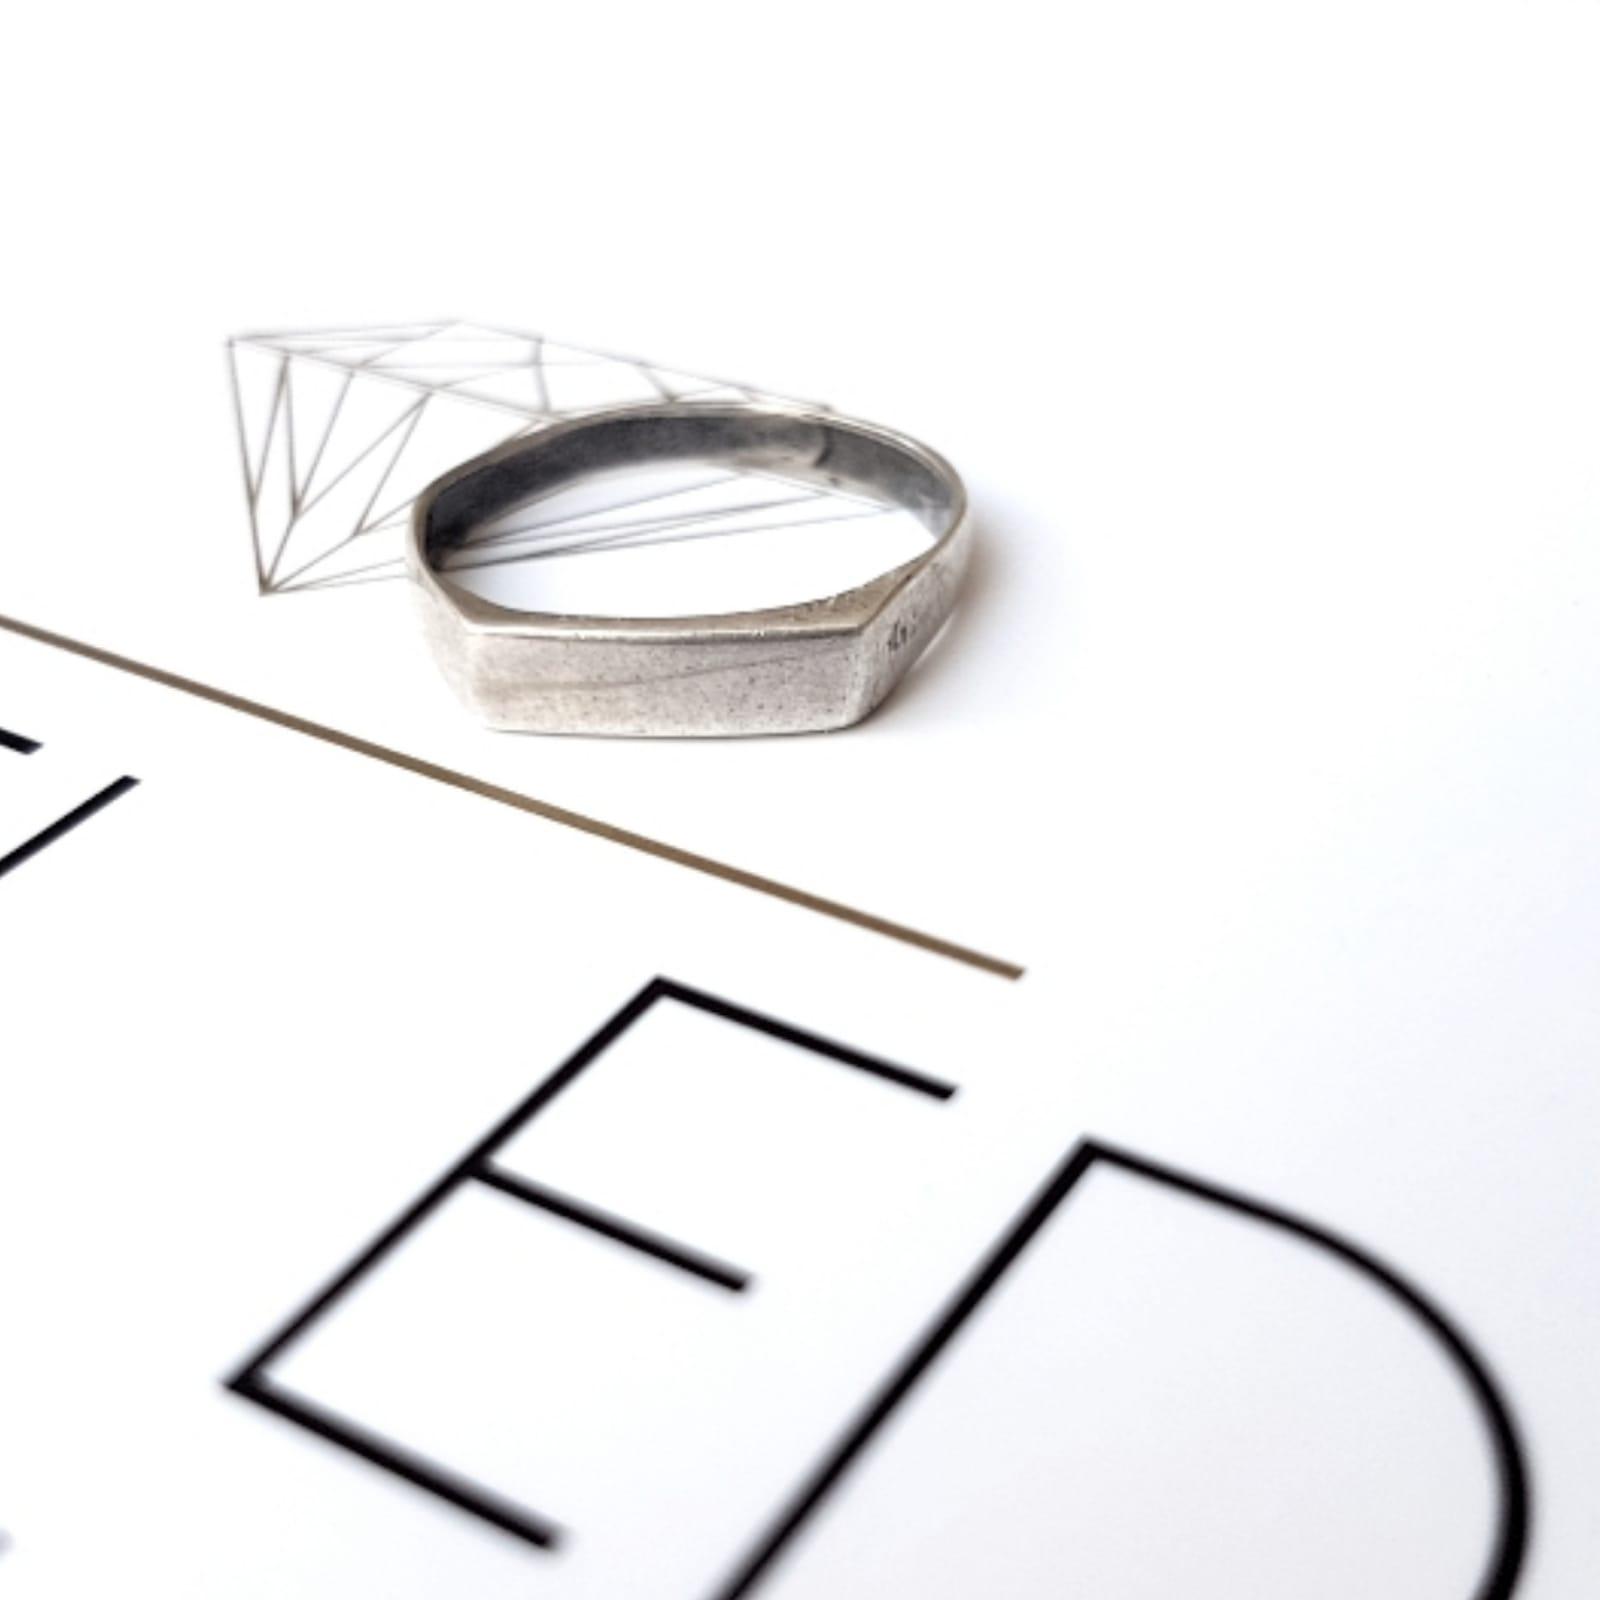 טבעת שורה כסף 925